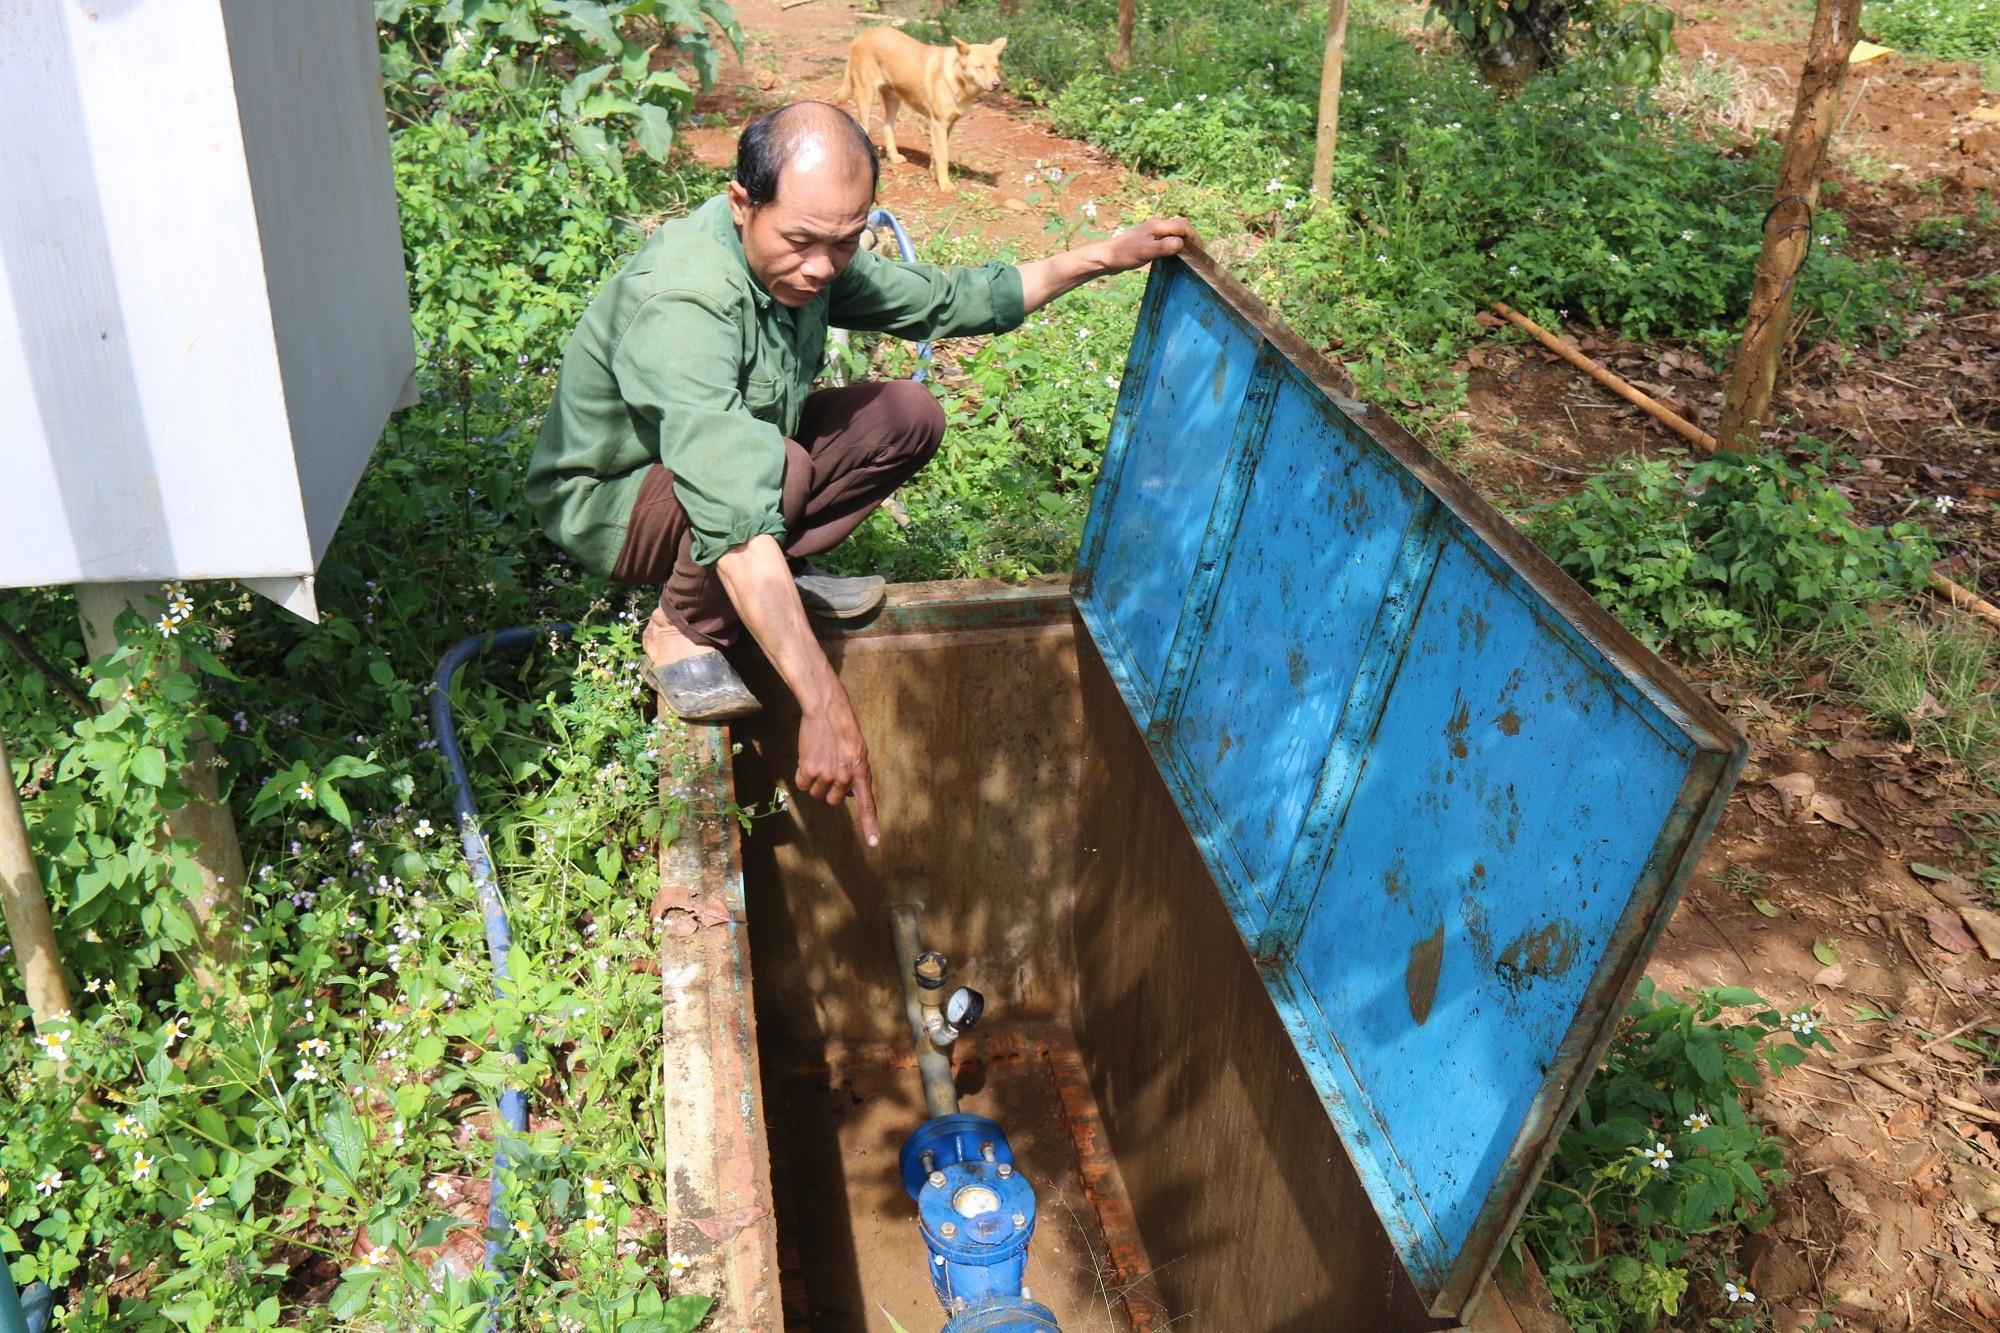 Công trình nước sạch bỏ hoang, hàng trăm tỷ đồng thành… phế liệu! - Ảnh 2.